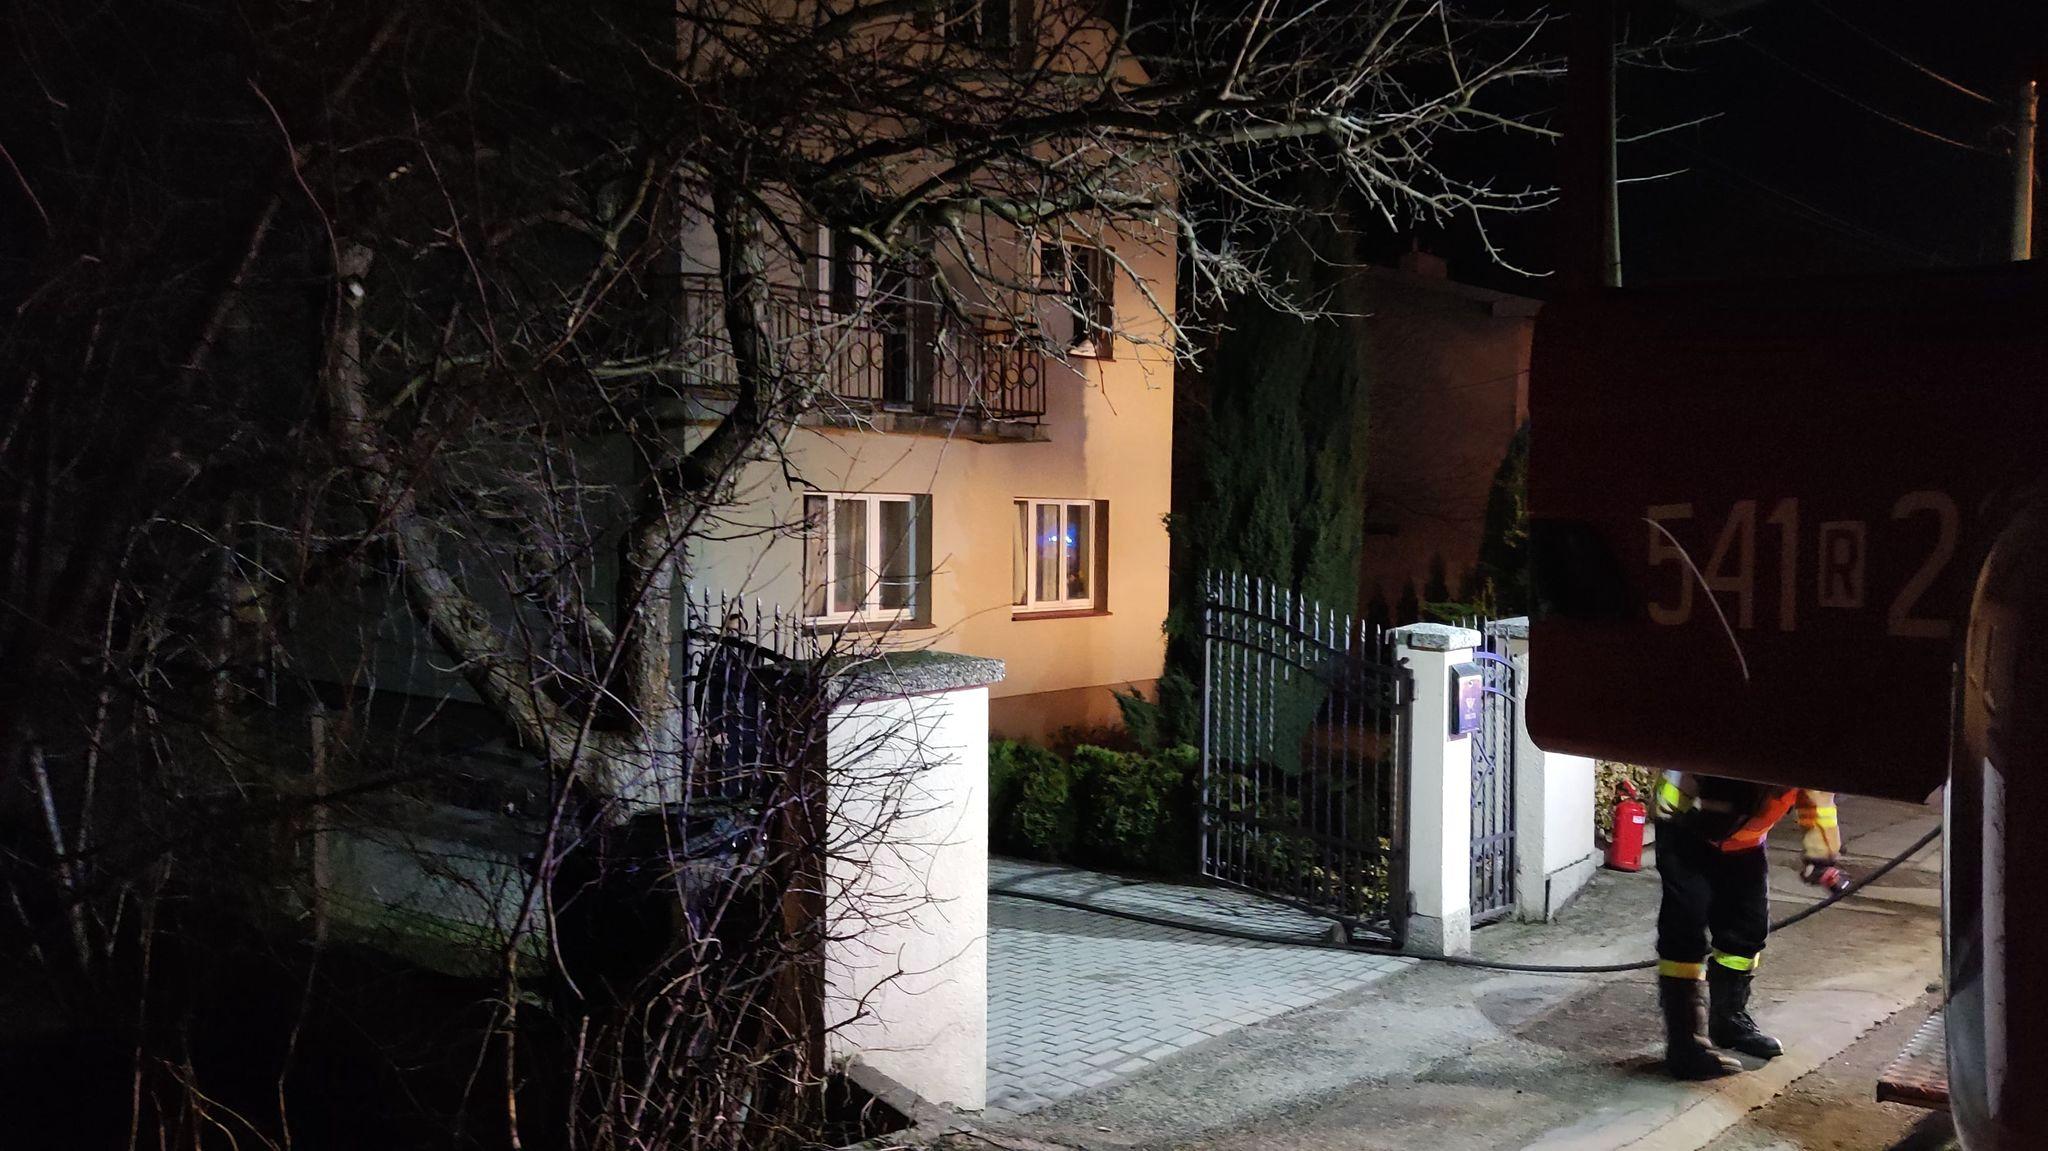 SANOK: Pożar kotłowni w domu jednorodzinnym przy ul. Warzywnej [ZDJĘCIA+WIDEO] - Zdjęcie główne